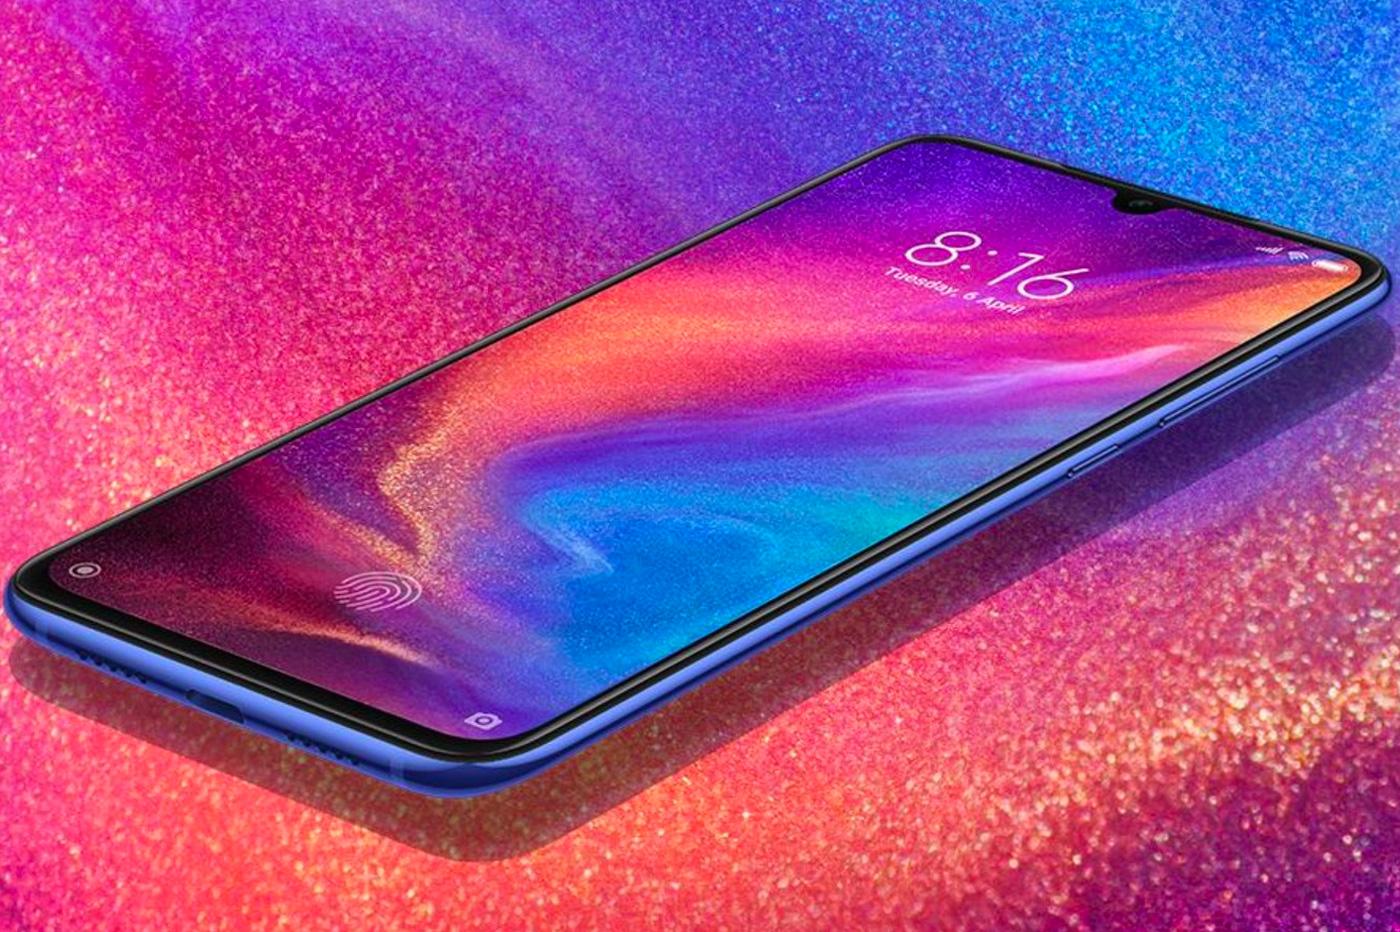 Avec son Xiaomi Mi 9, la marque se moque du Huawei P30 sur Twitter